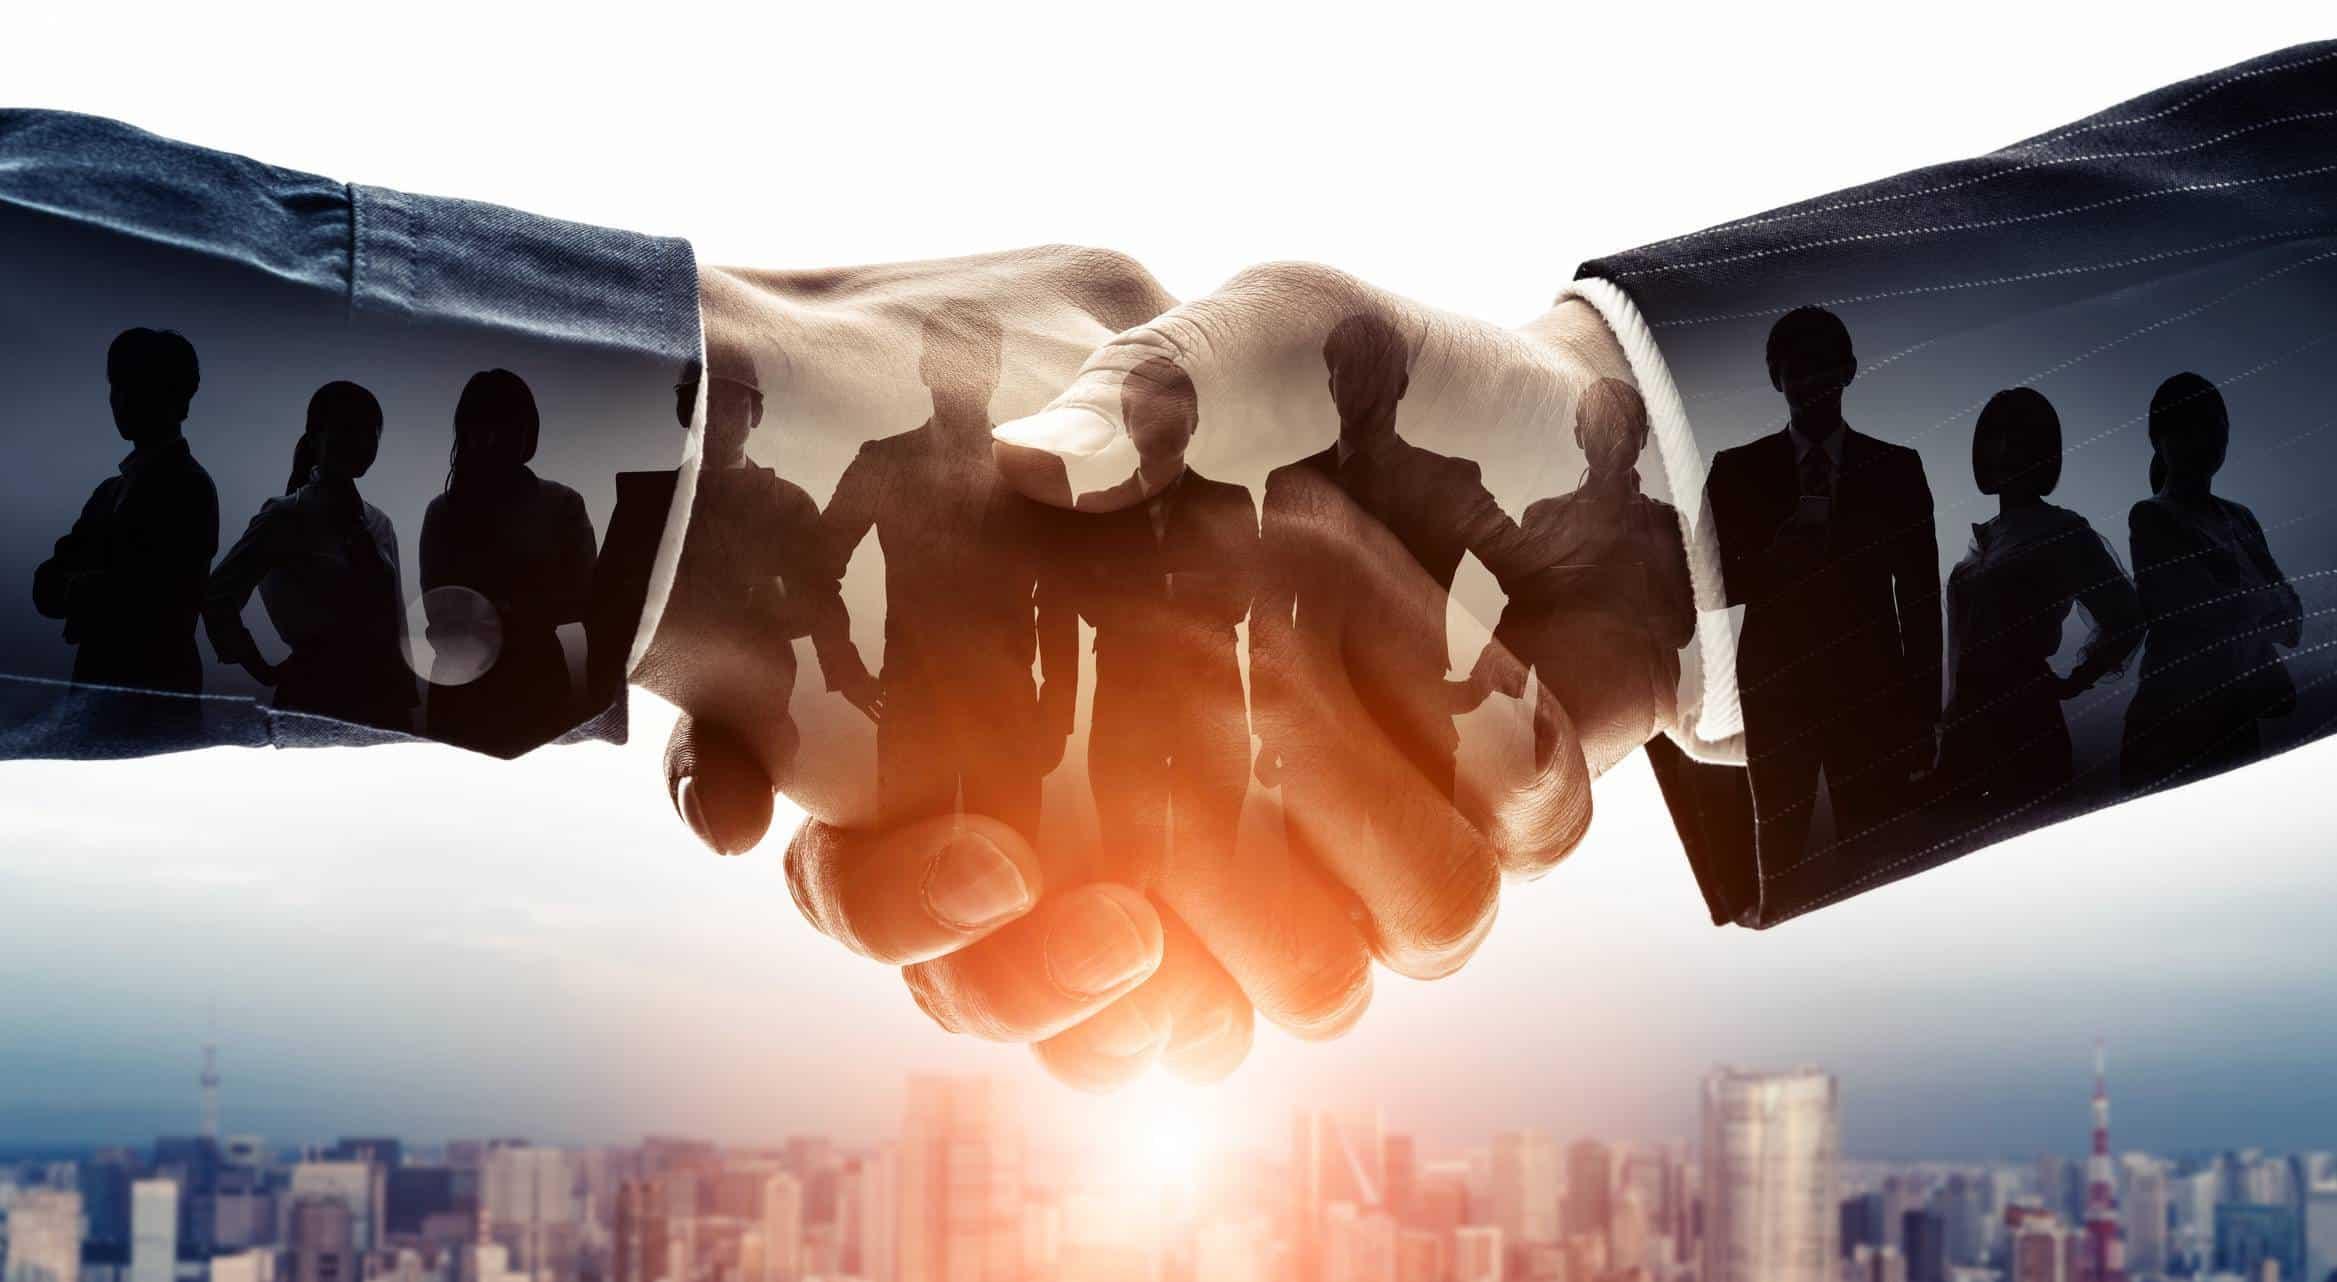 sous-traitance et entreprise responsable